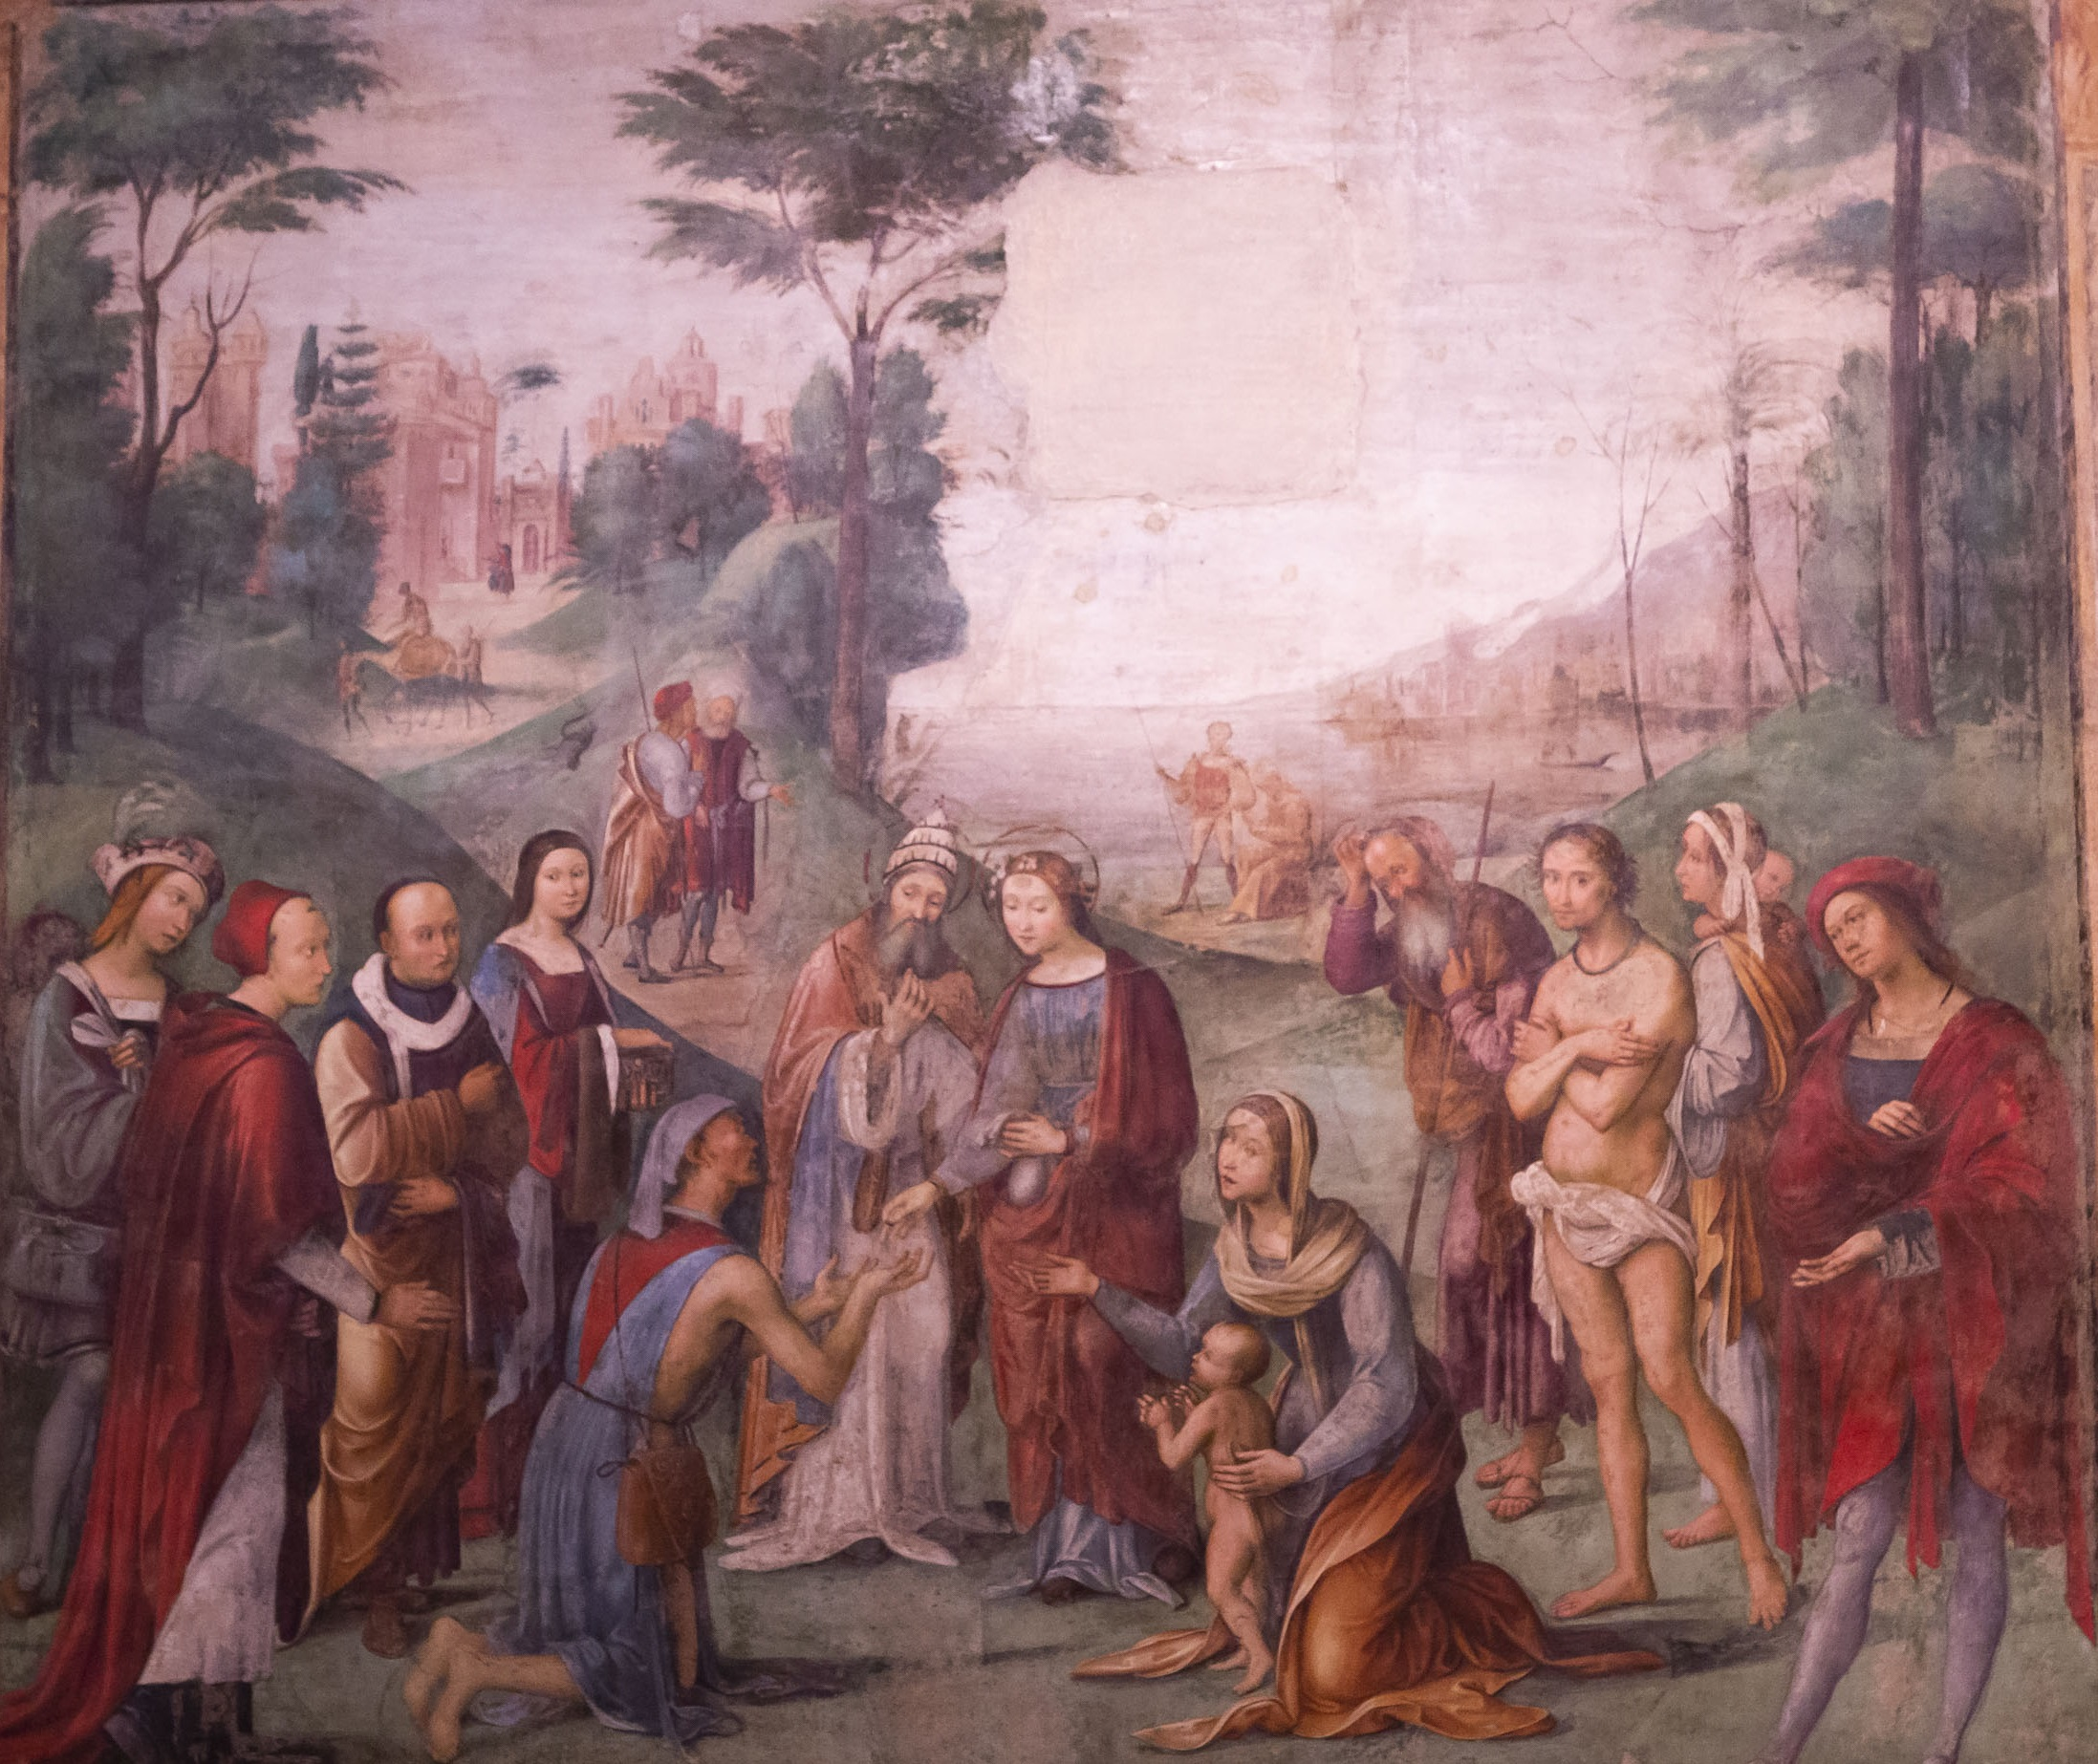 Lorenzo Costa, Elemosina di Santa Cecilia, 1505-1506, Oratorio di Santa Cecilia, Bologna